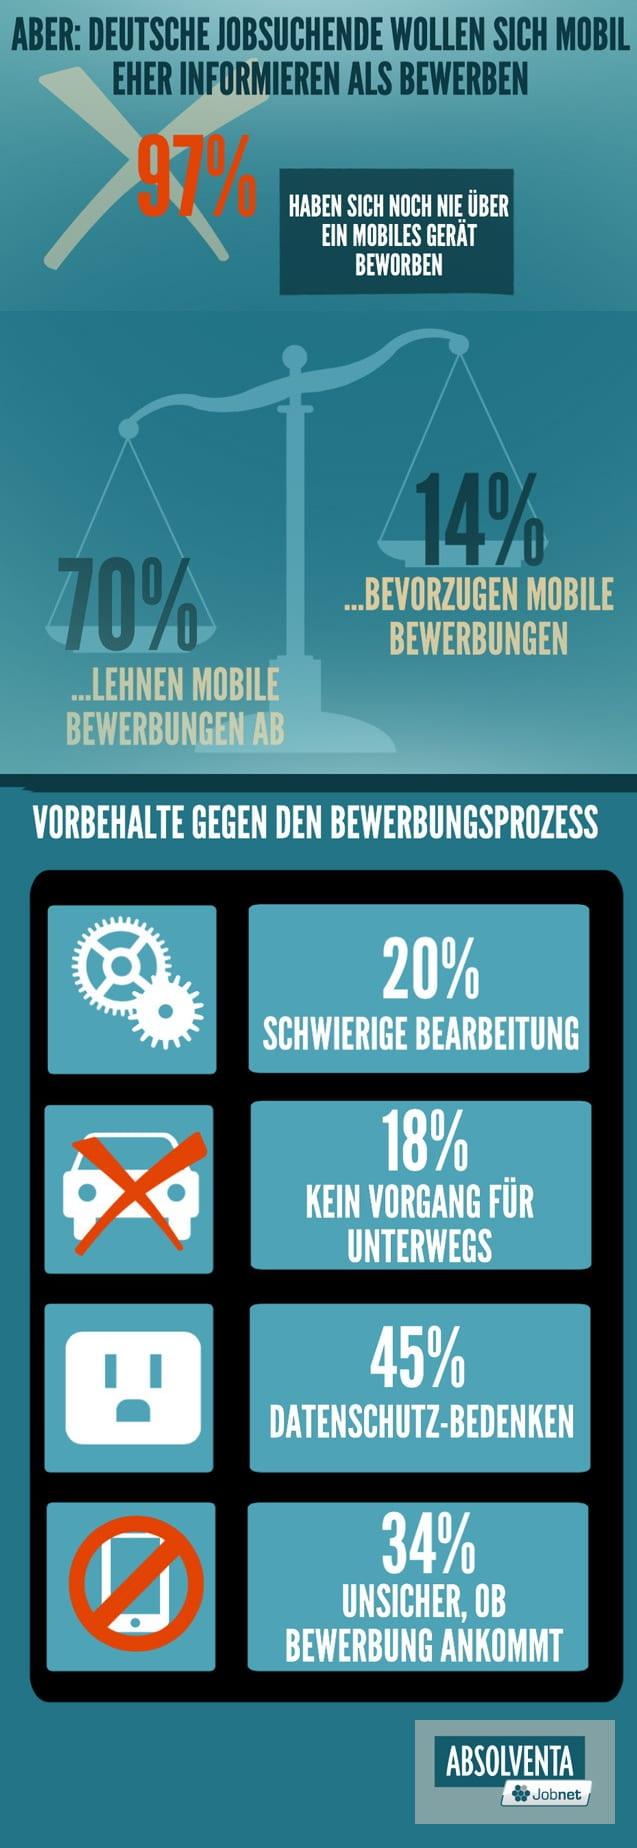 Deutsche Jobsuchende lehnen mobile Bewerbung ab - Quelle Absolventa